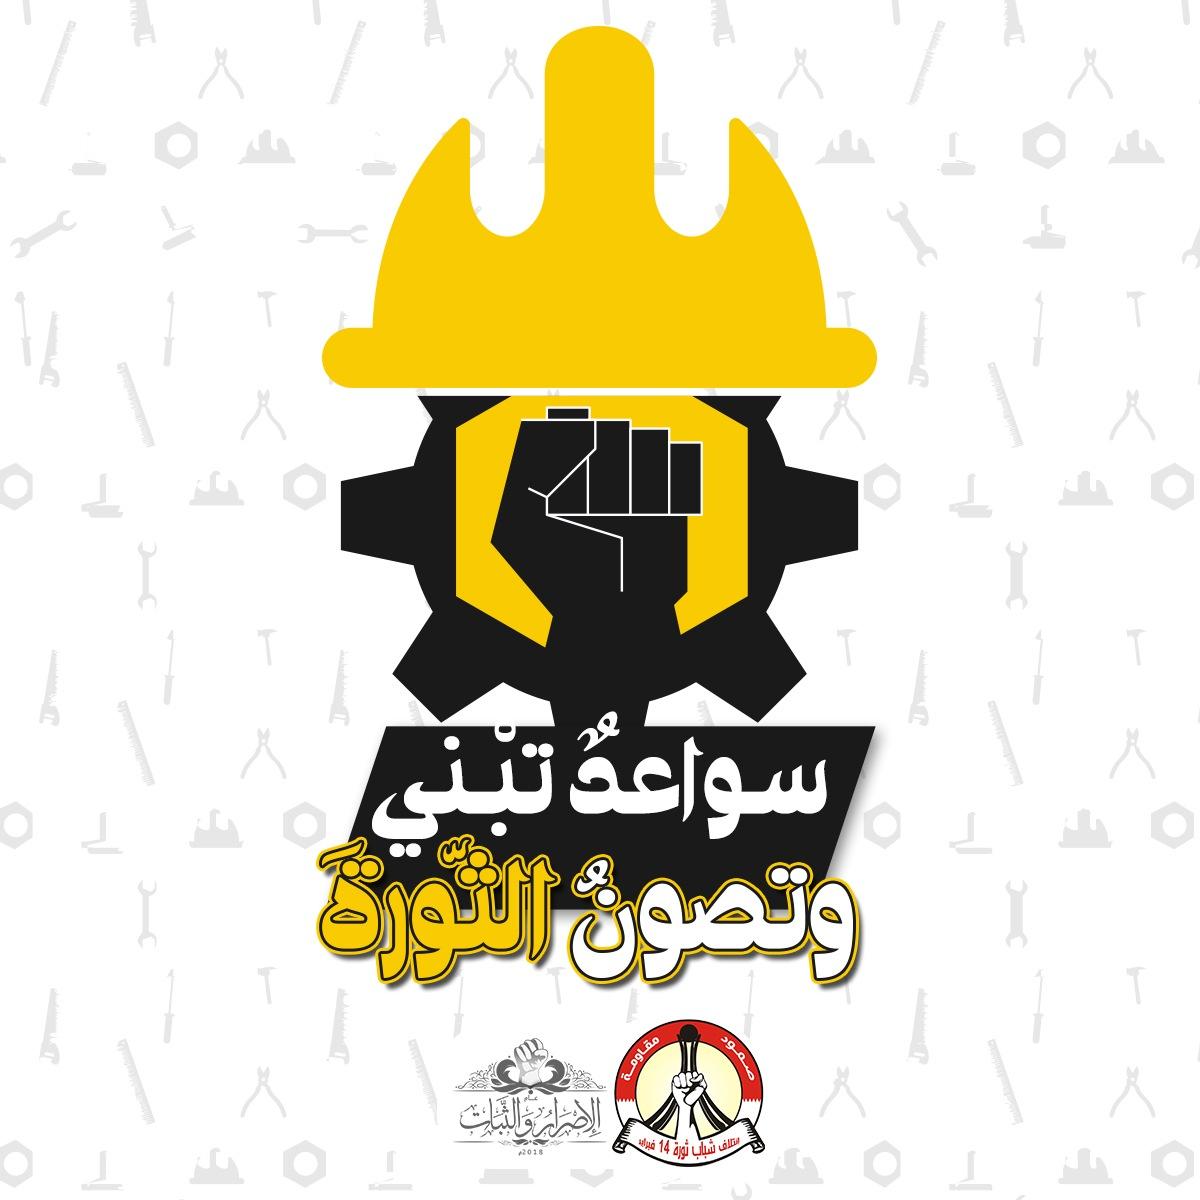 ائتلاف 14 فبراير يُدشّن شعار فعاليّات عيد العمّال للعام 2018